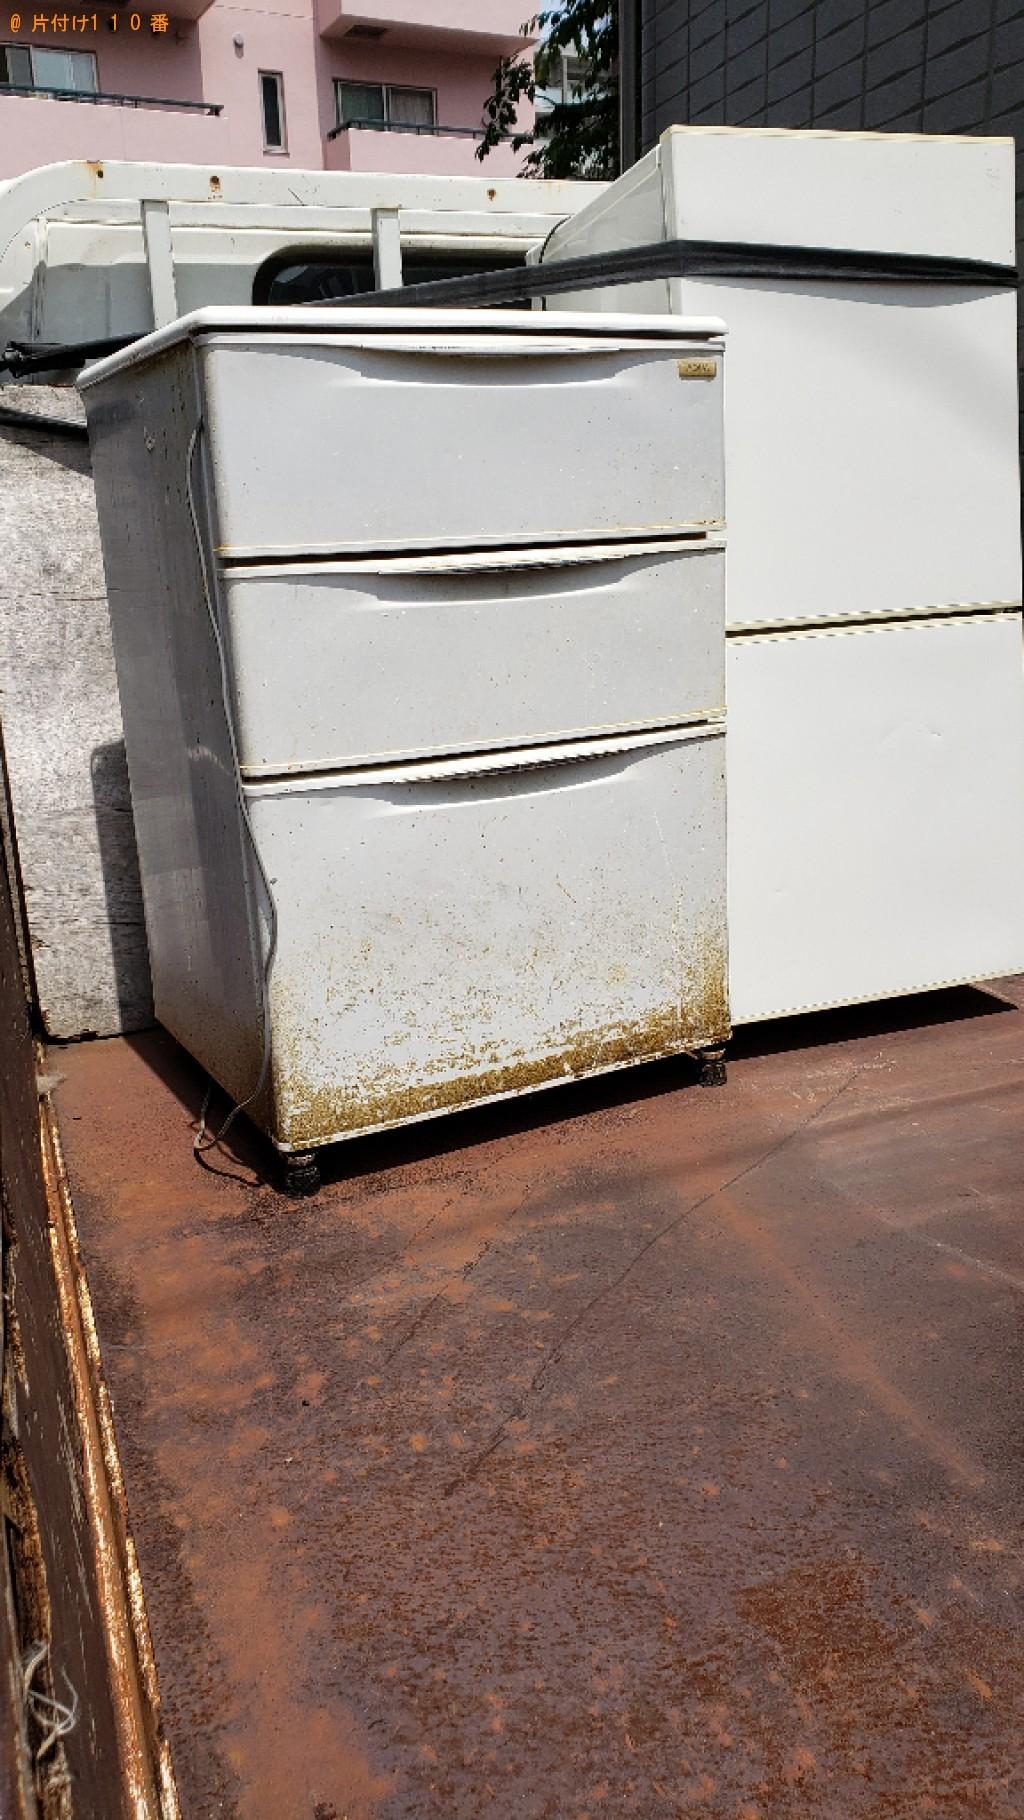 【世田谷区桜新町】冷蔵庫の回収・処分ご依頼 お客様の声